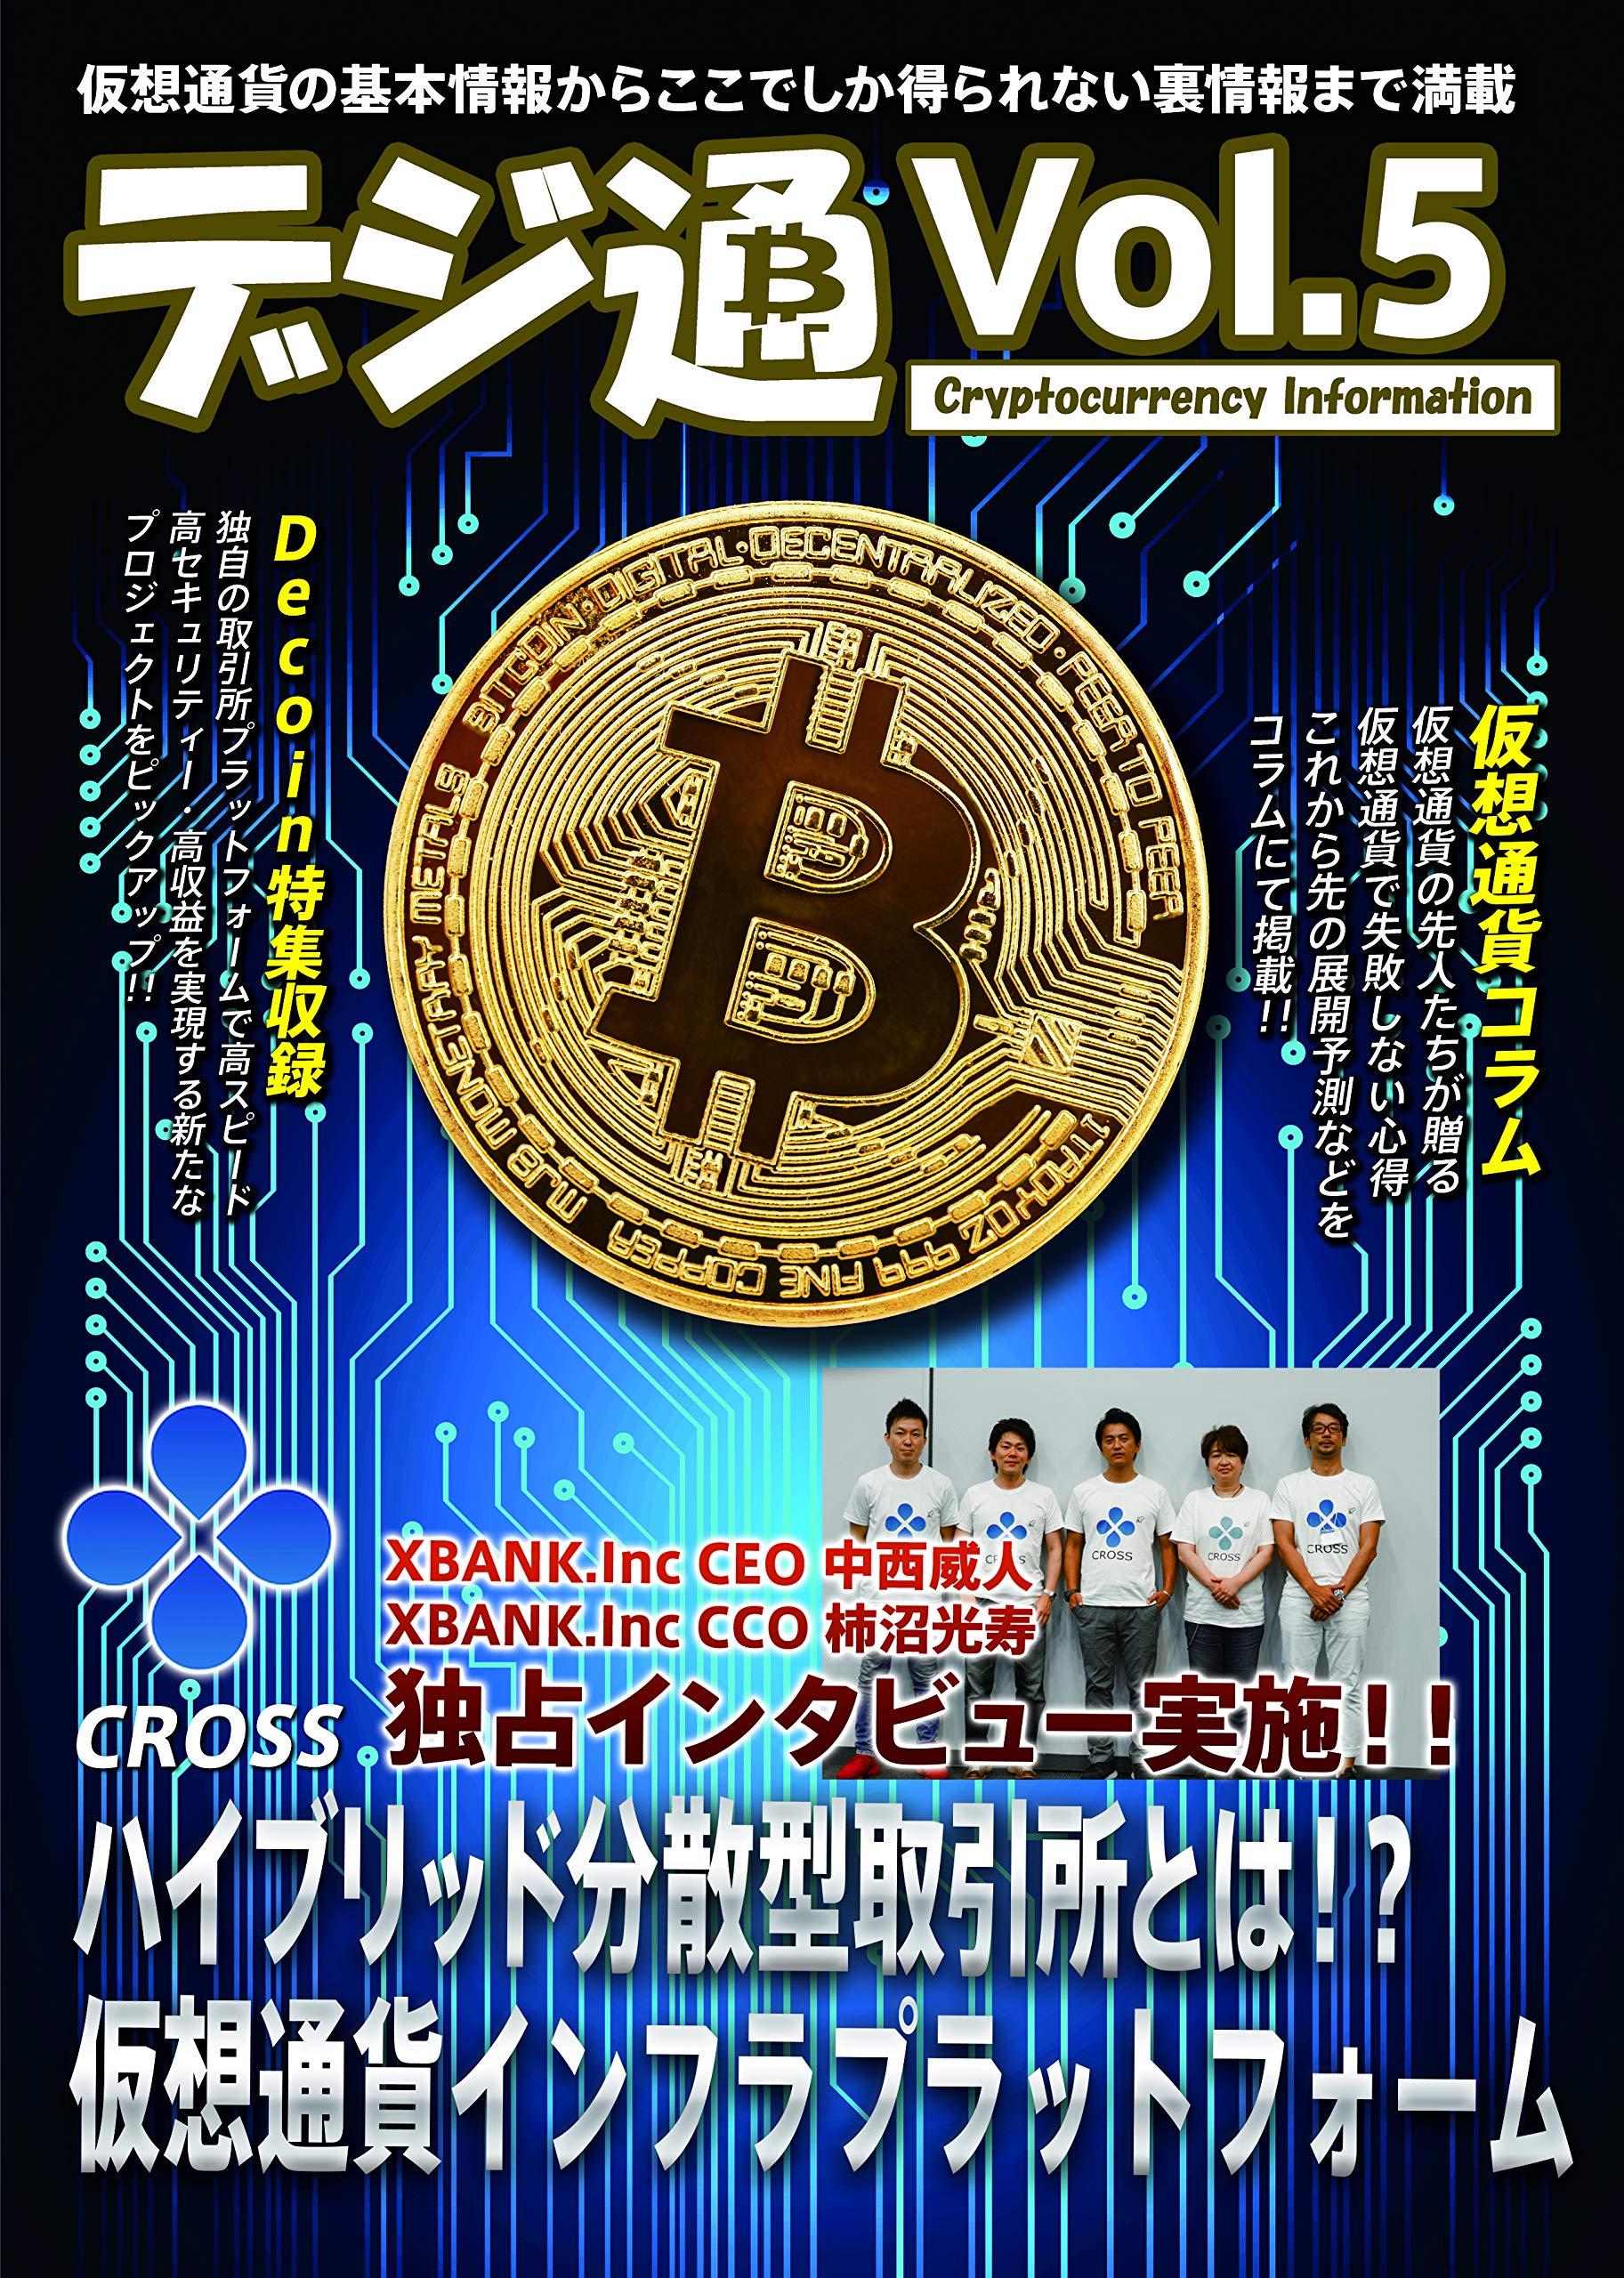 デジタル通貨通信(デジ通)